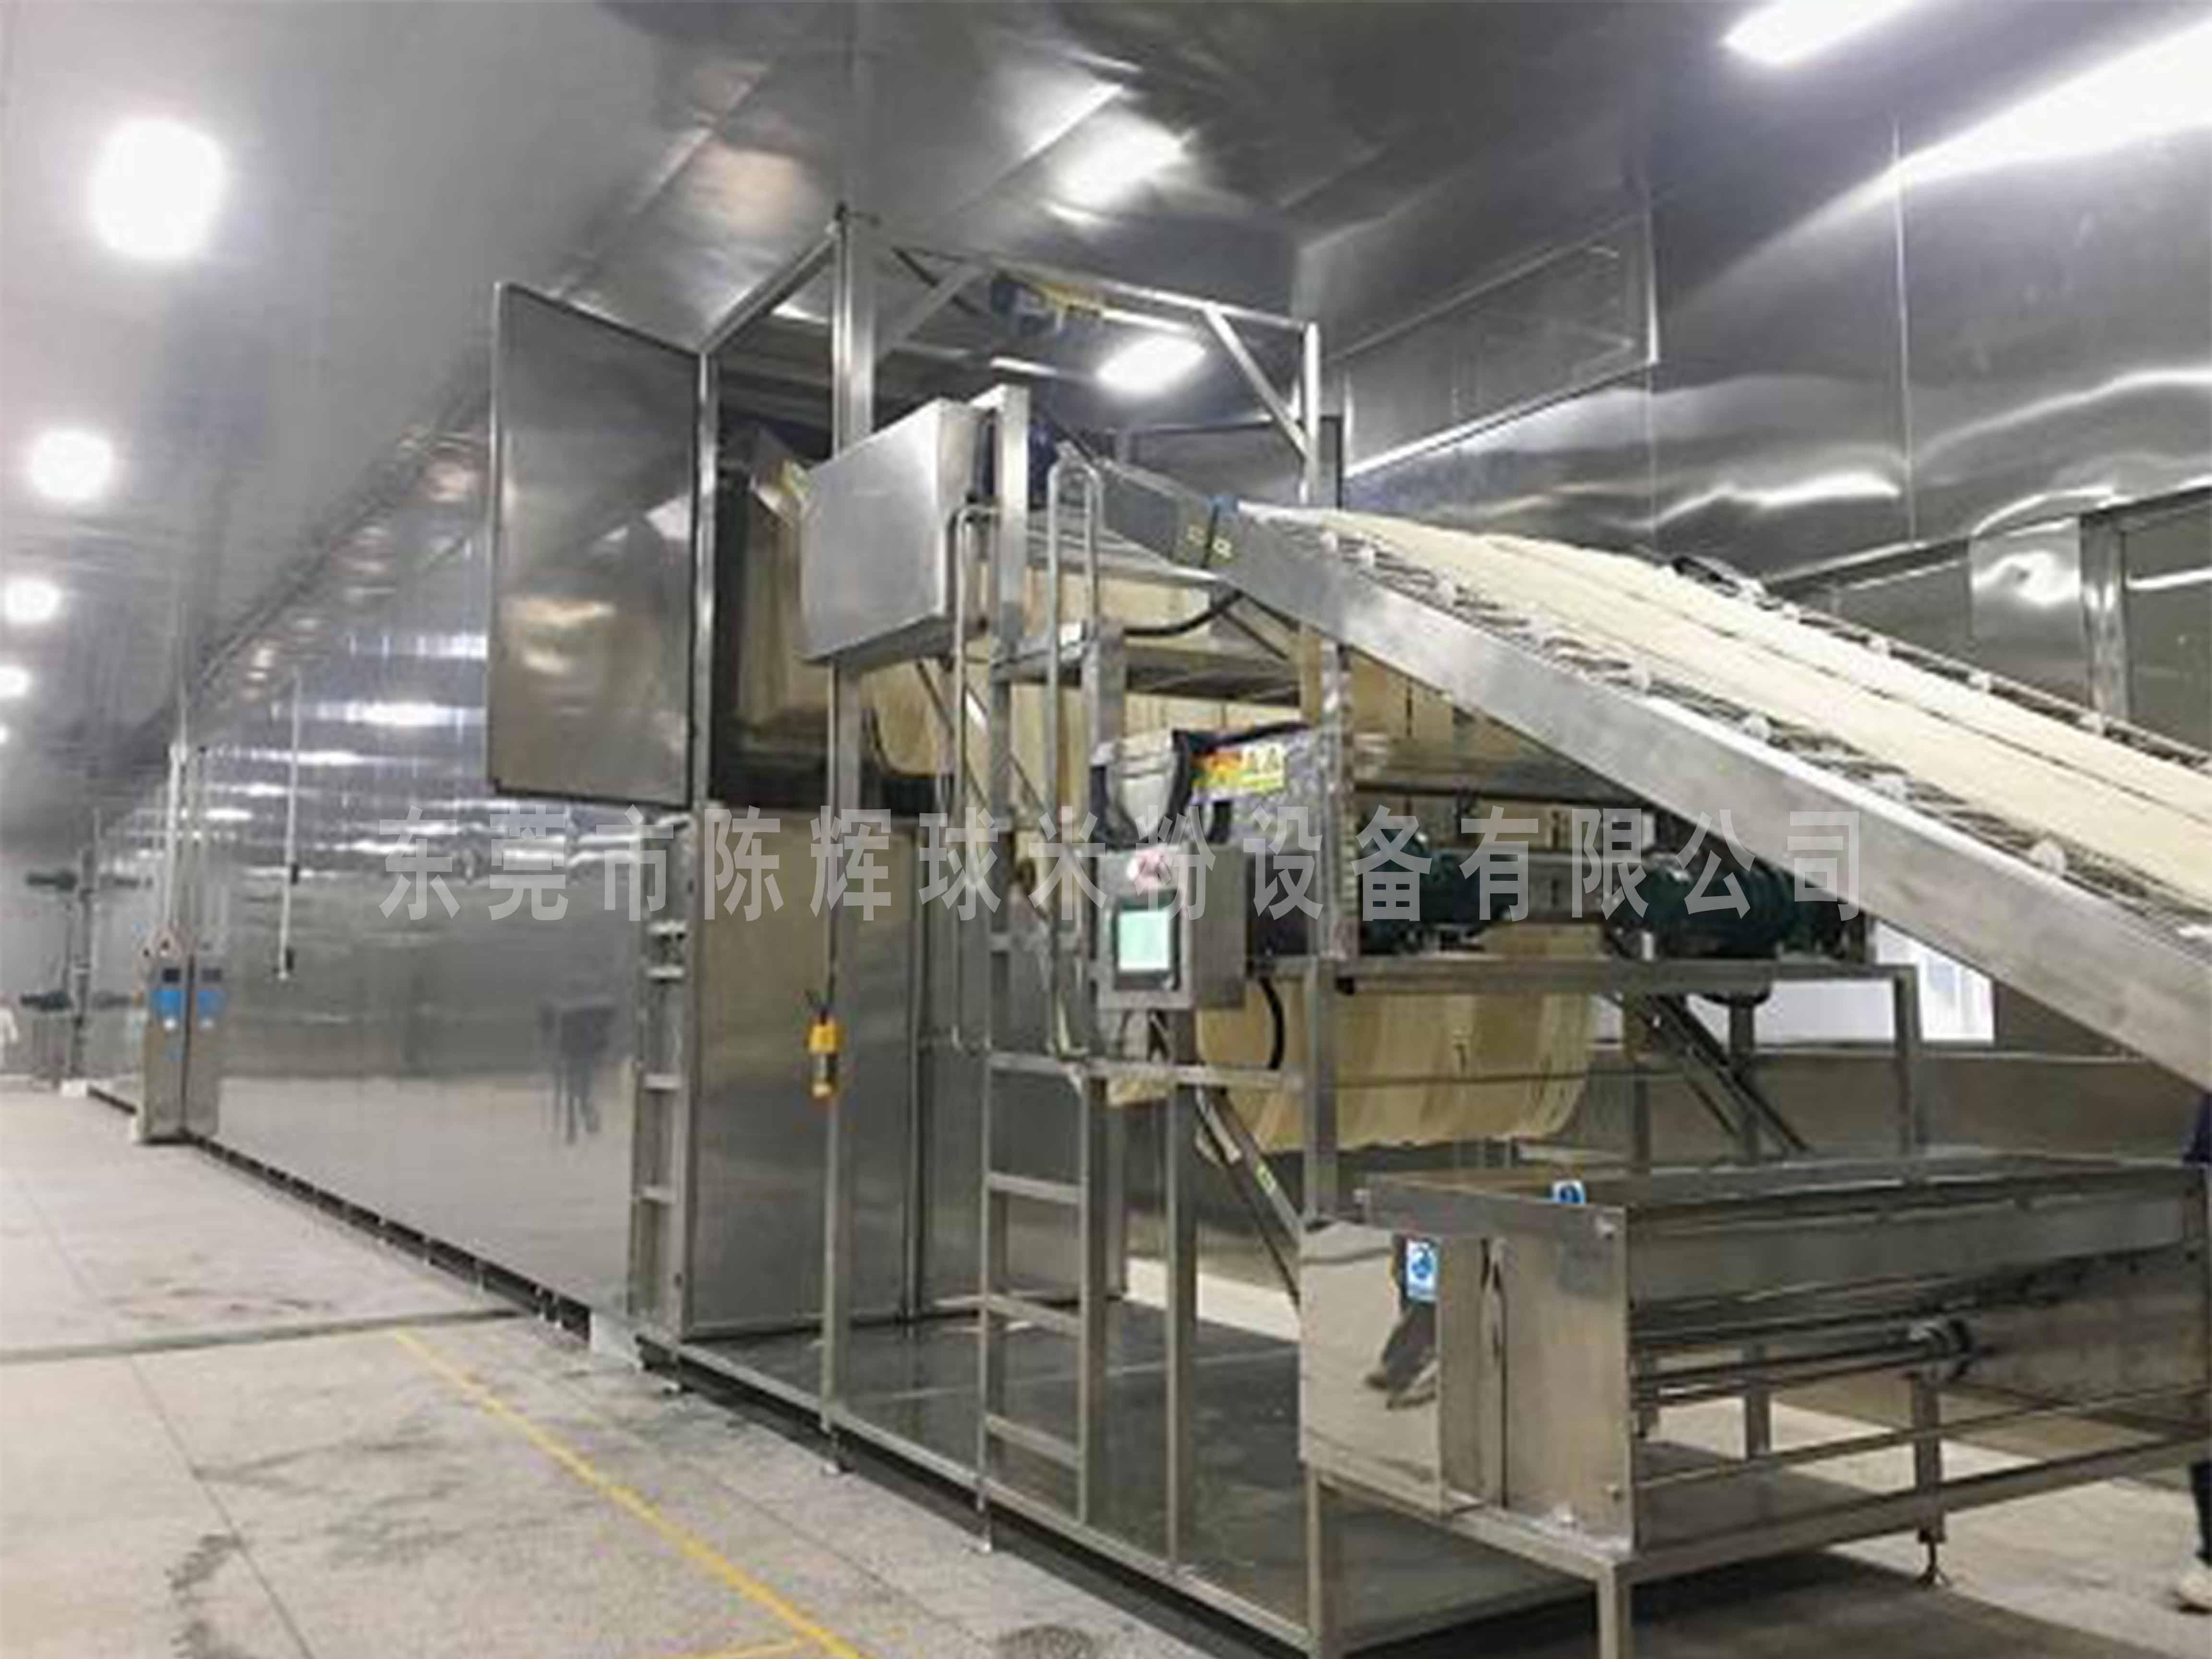 陈辉球的米粉设备助力食品安全建设发展